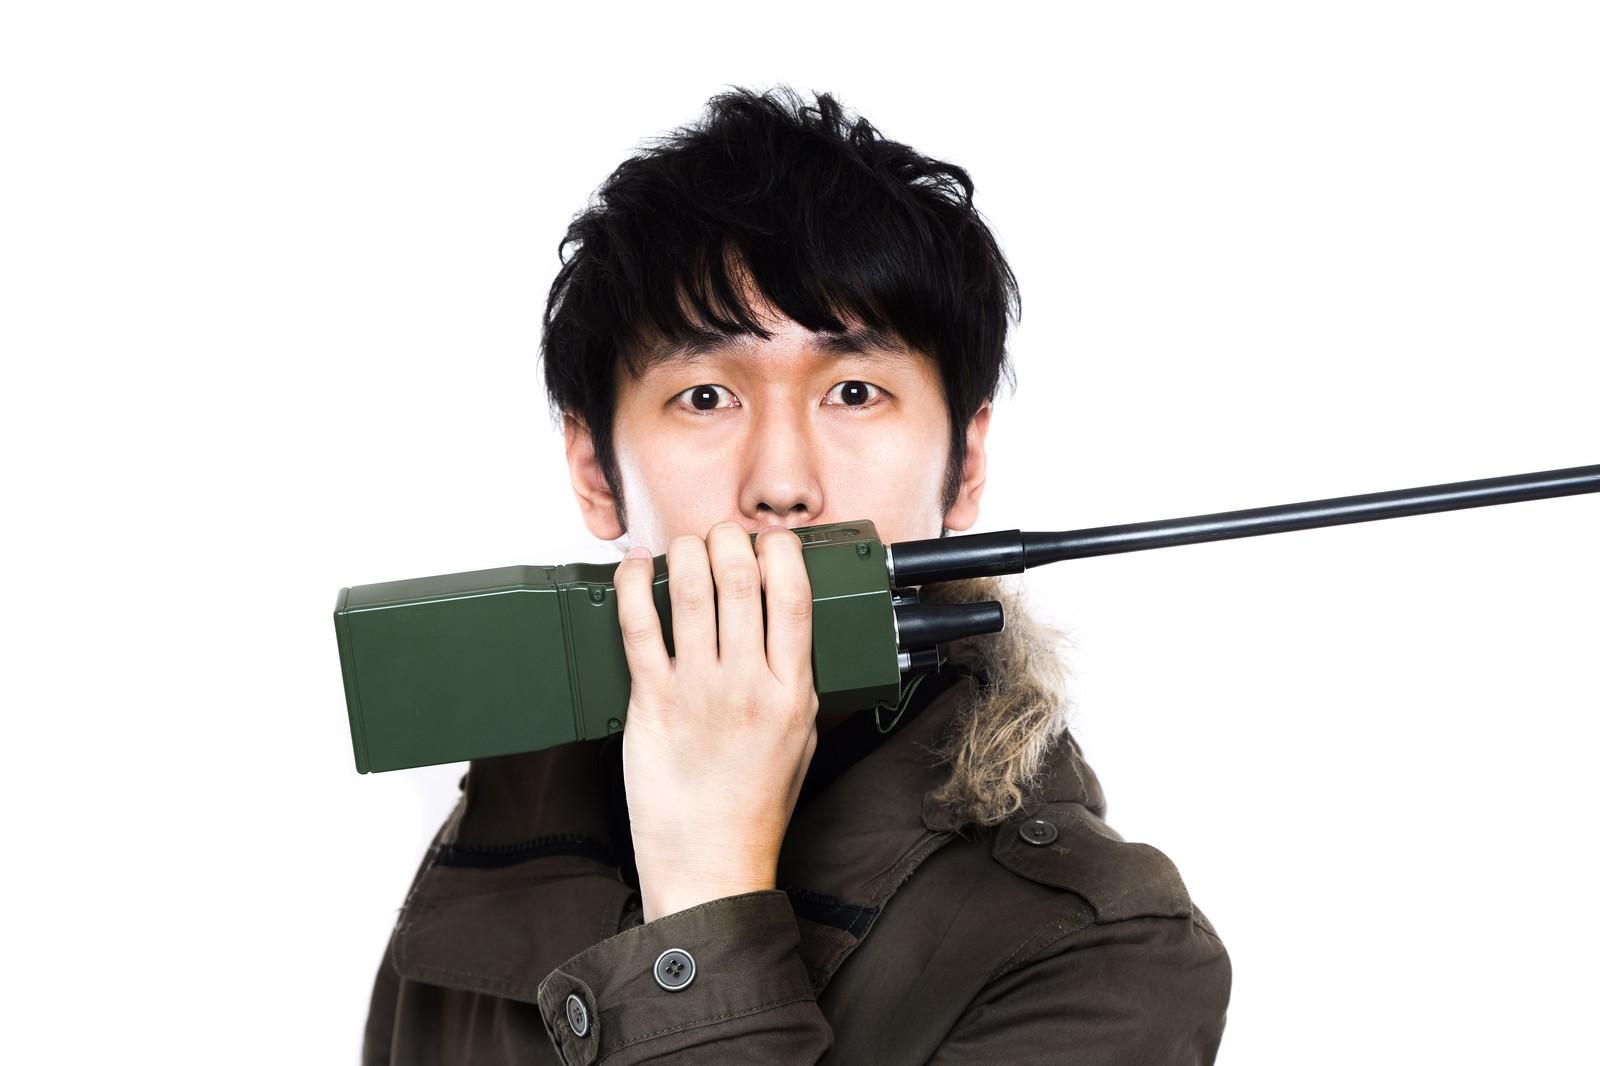 織田裕二のドラマがひどいとの真相が演技に向けられている?出演ドラマ一覧